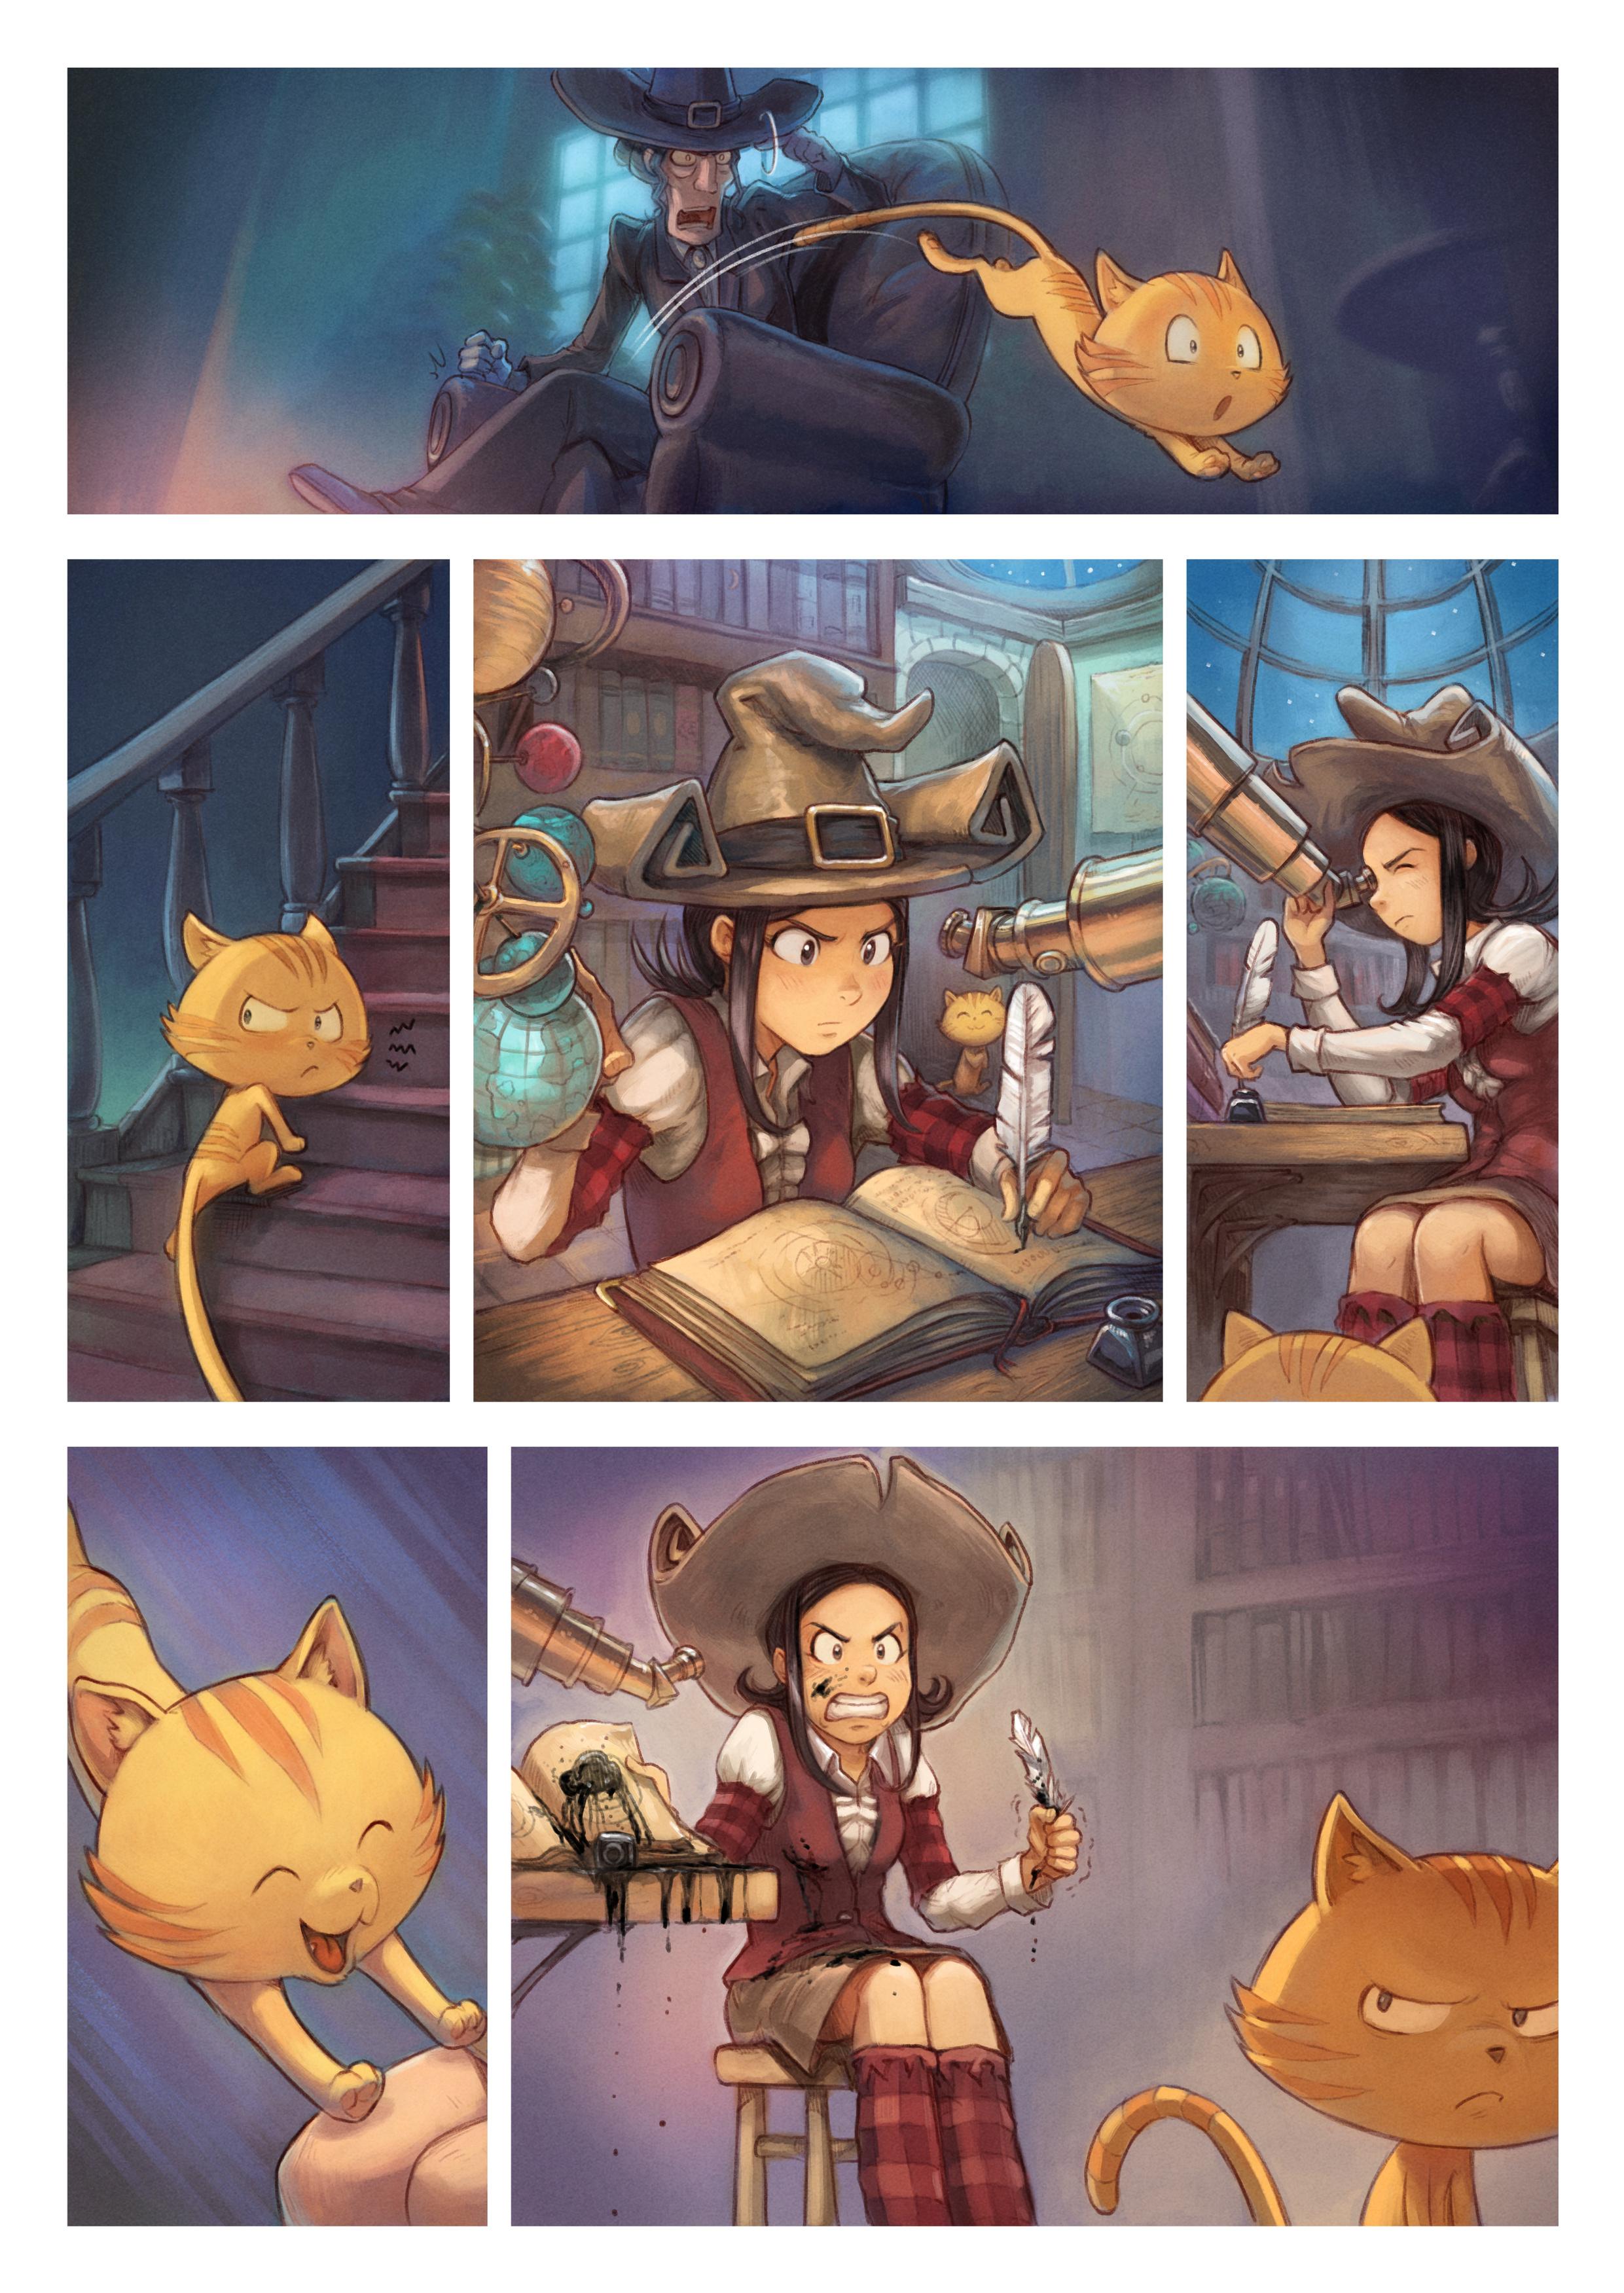 Episode 30: Brug for et kram, Page 3